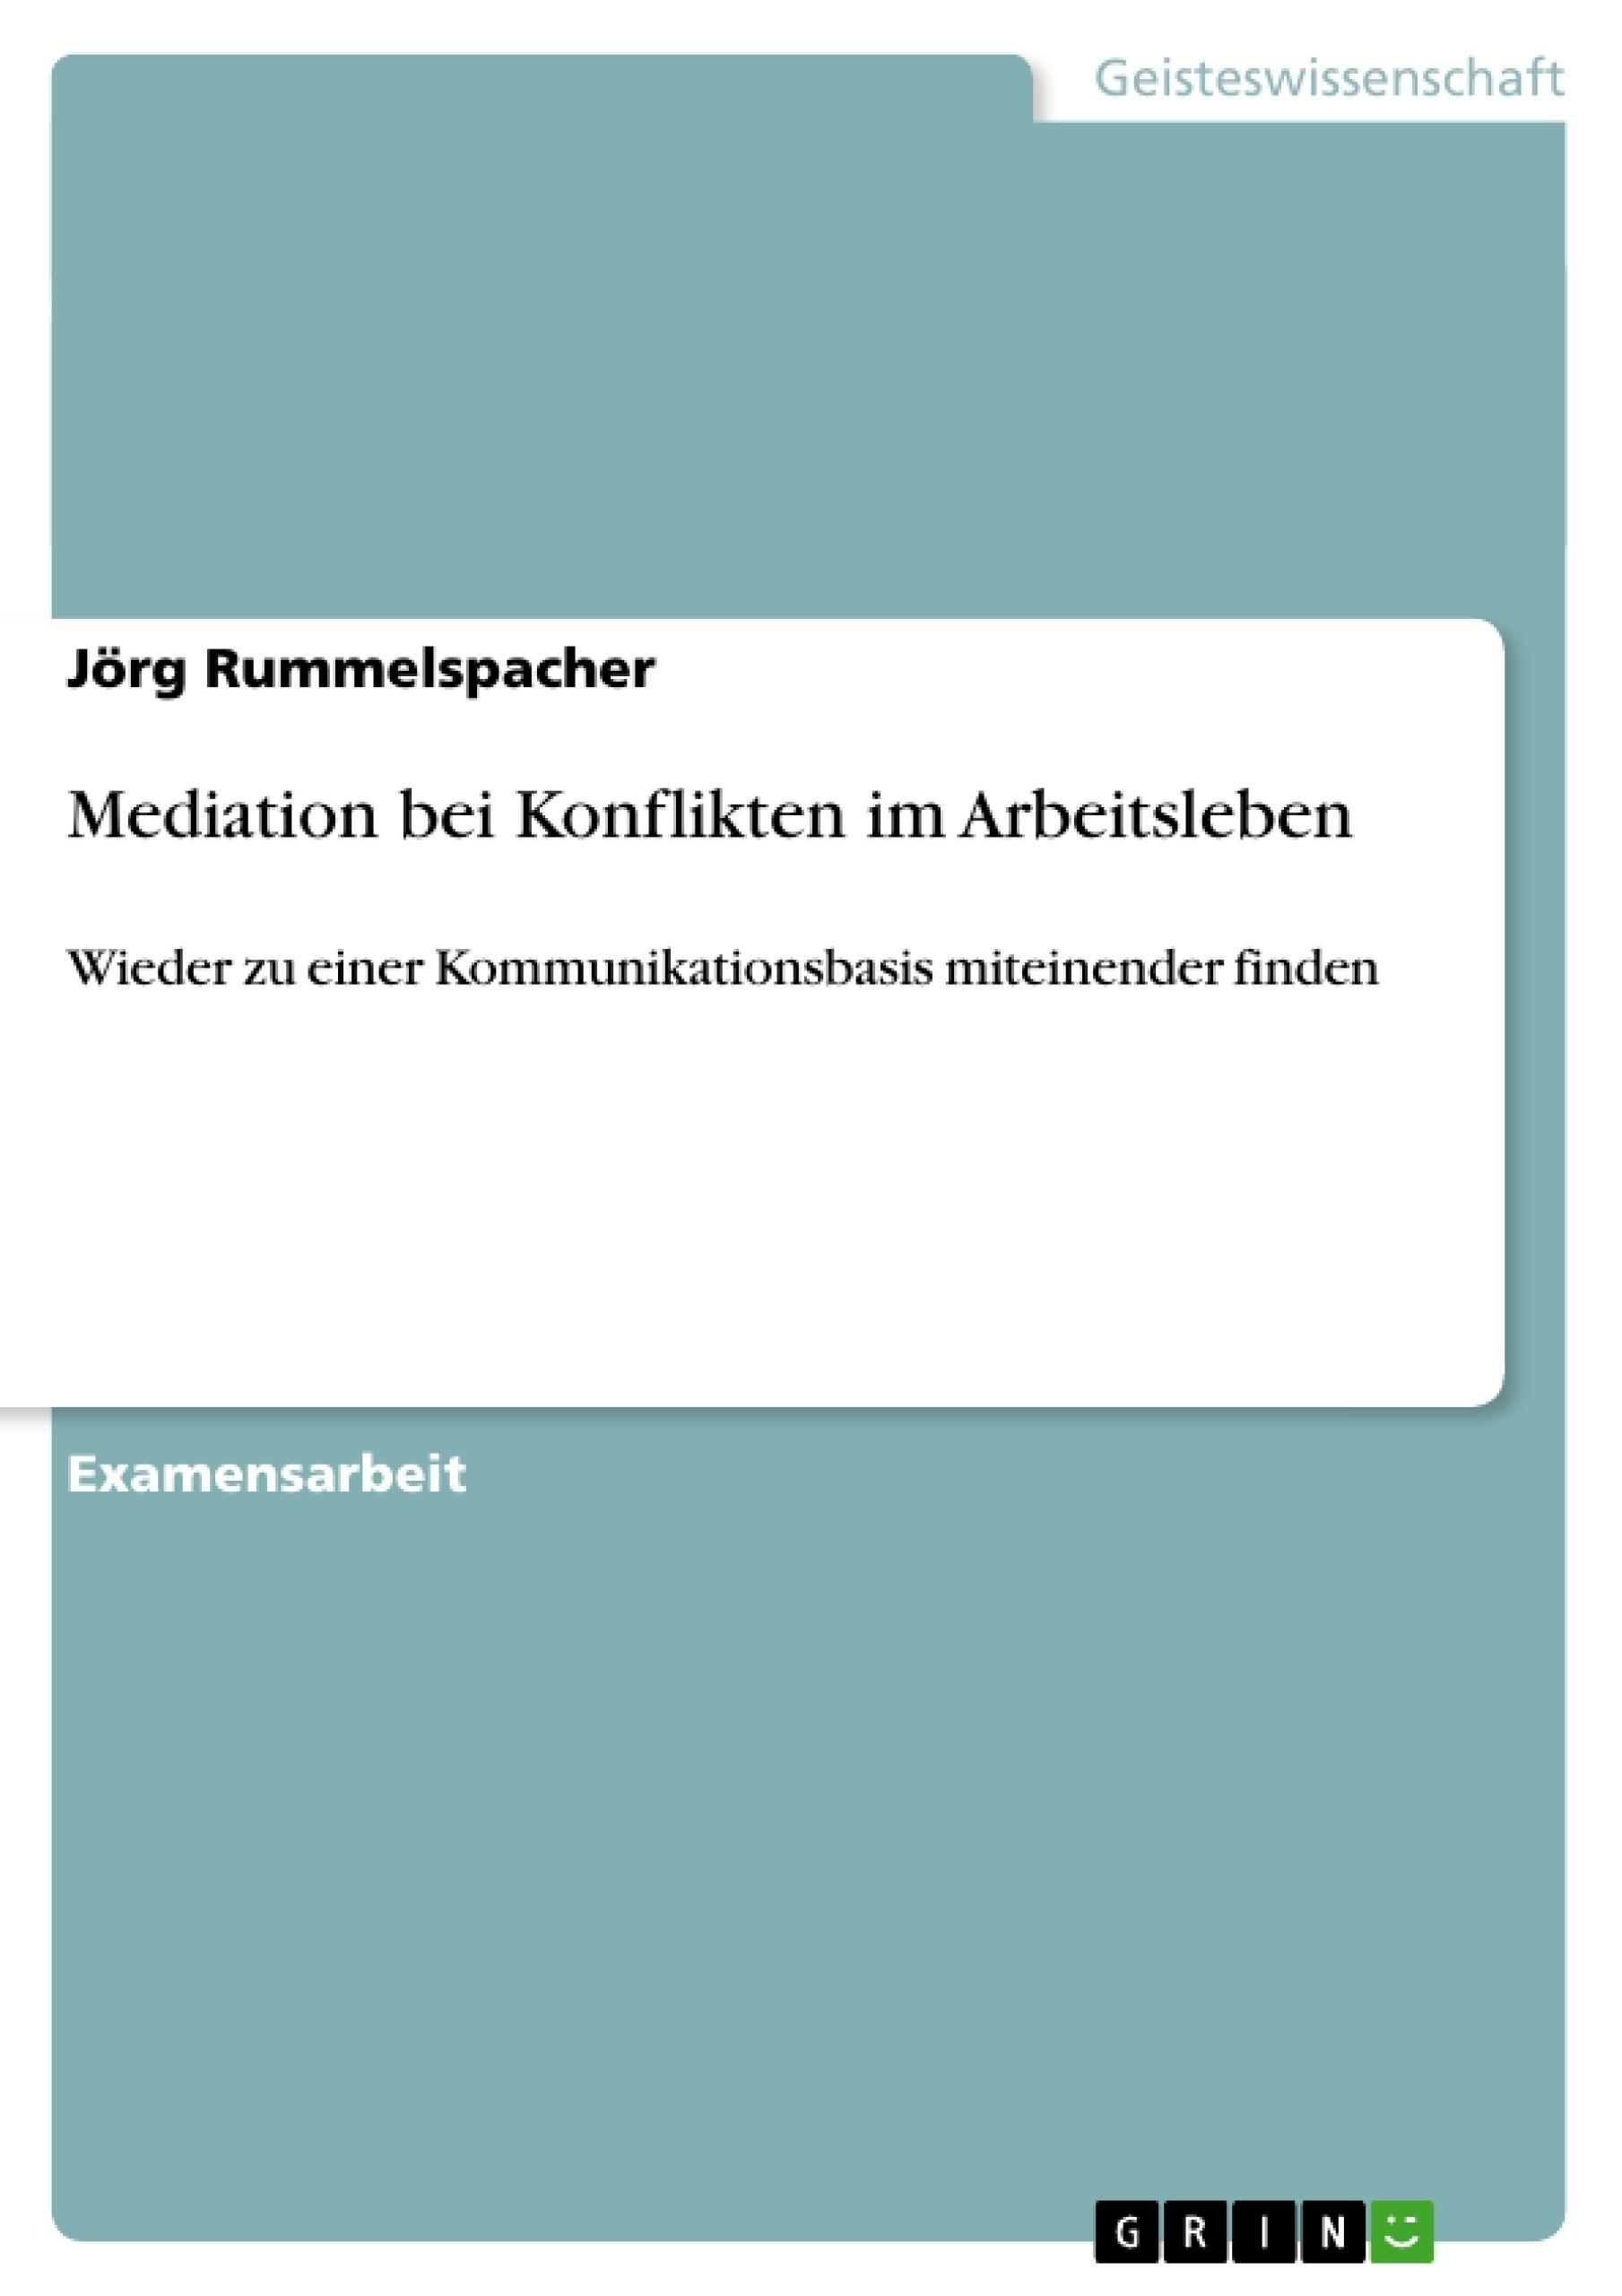 Titel: Mediation bei Konflikten im Arbeitsleben